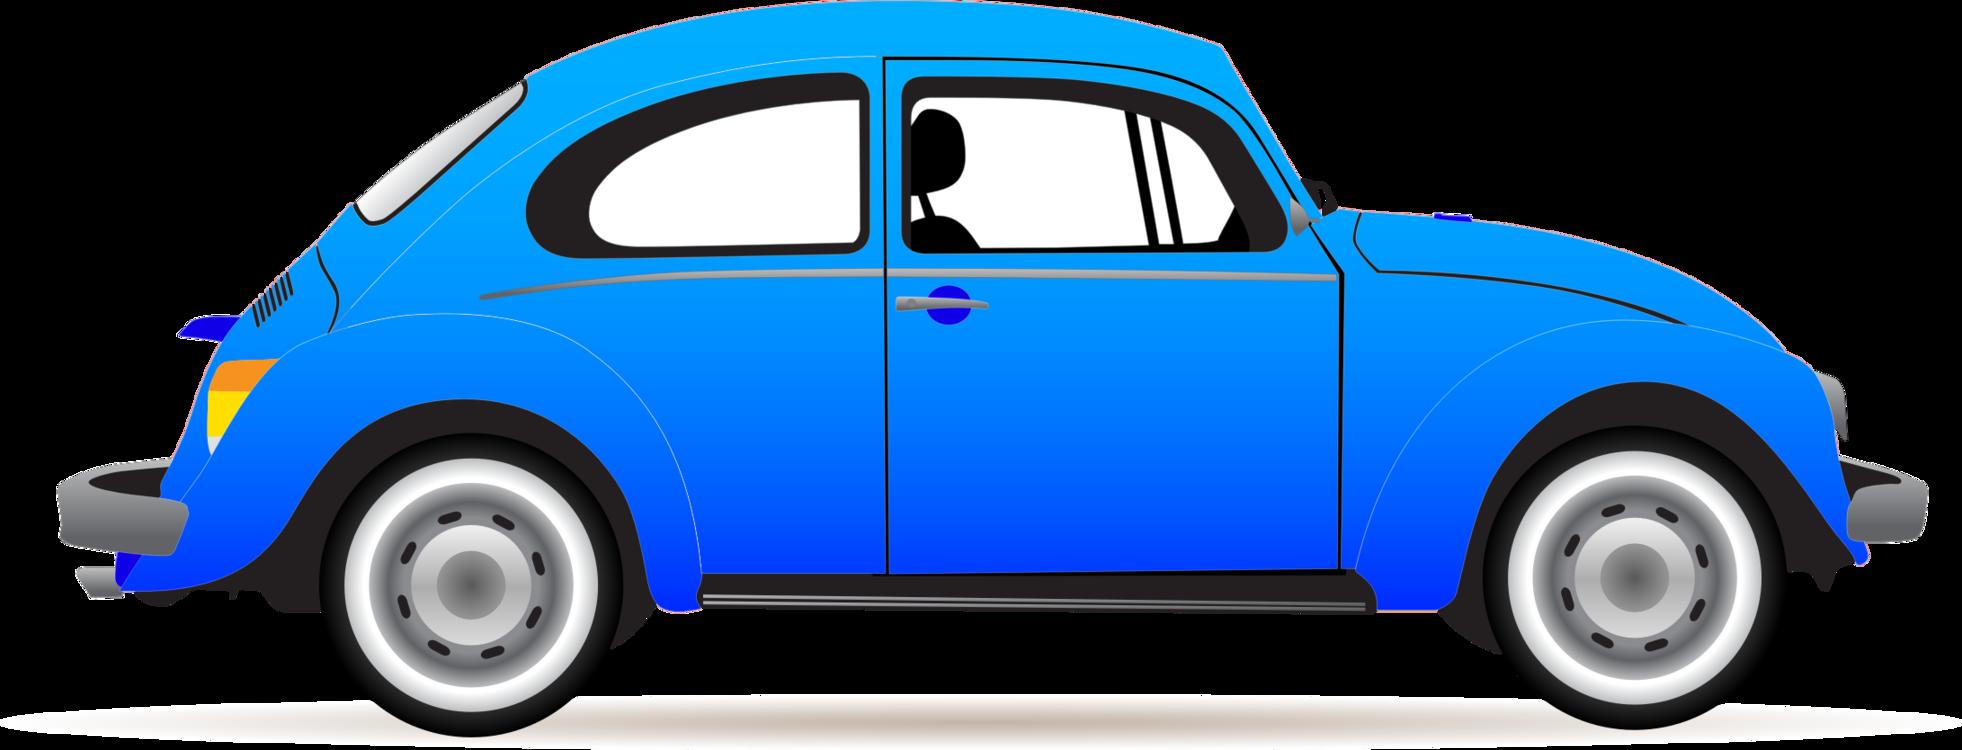 Blue,Classic Car,Vintage Car